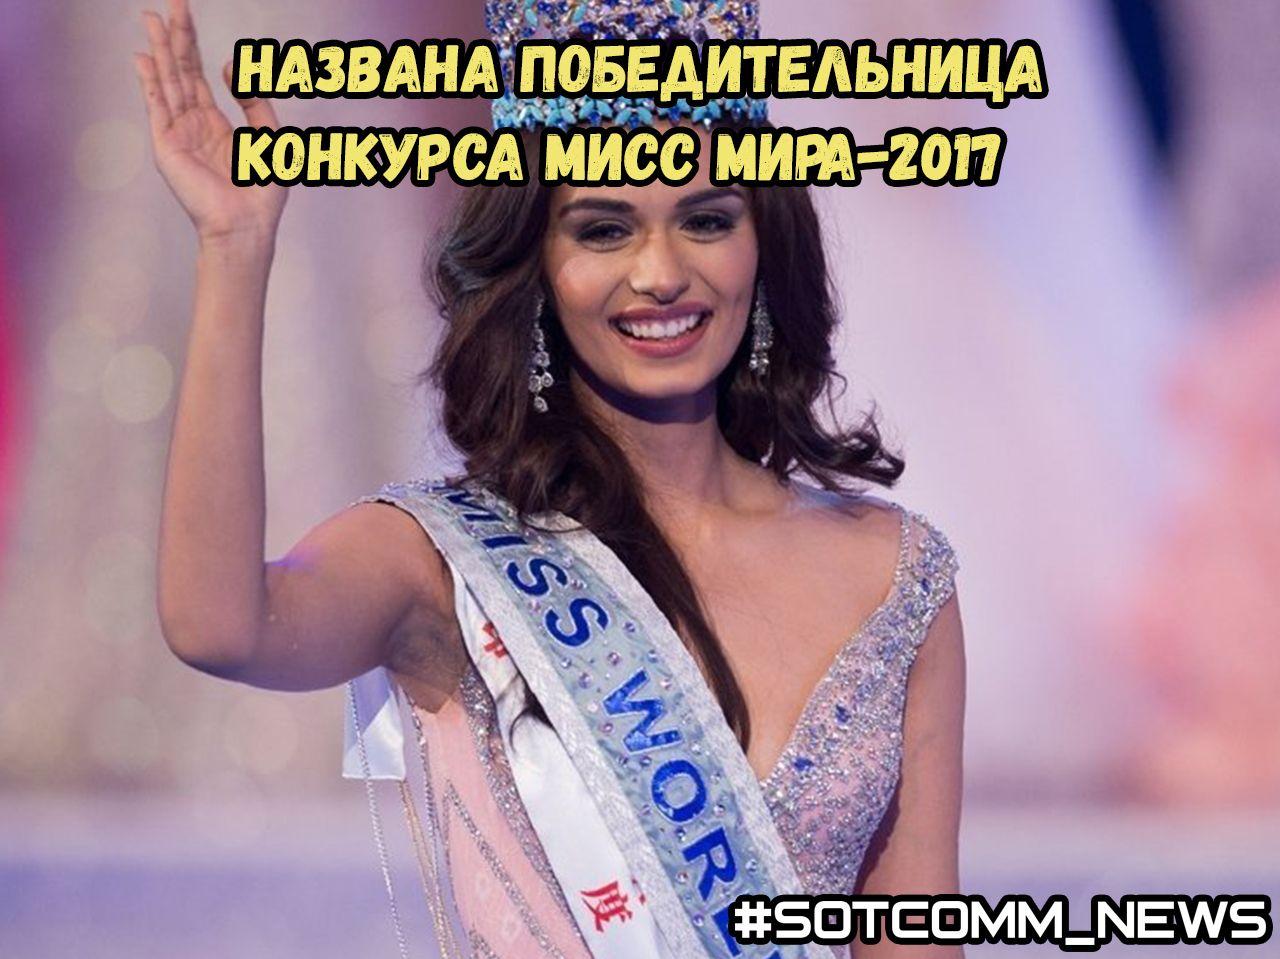 Названа победительница конкурса Мисс Мира-2017